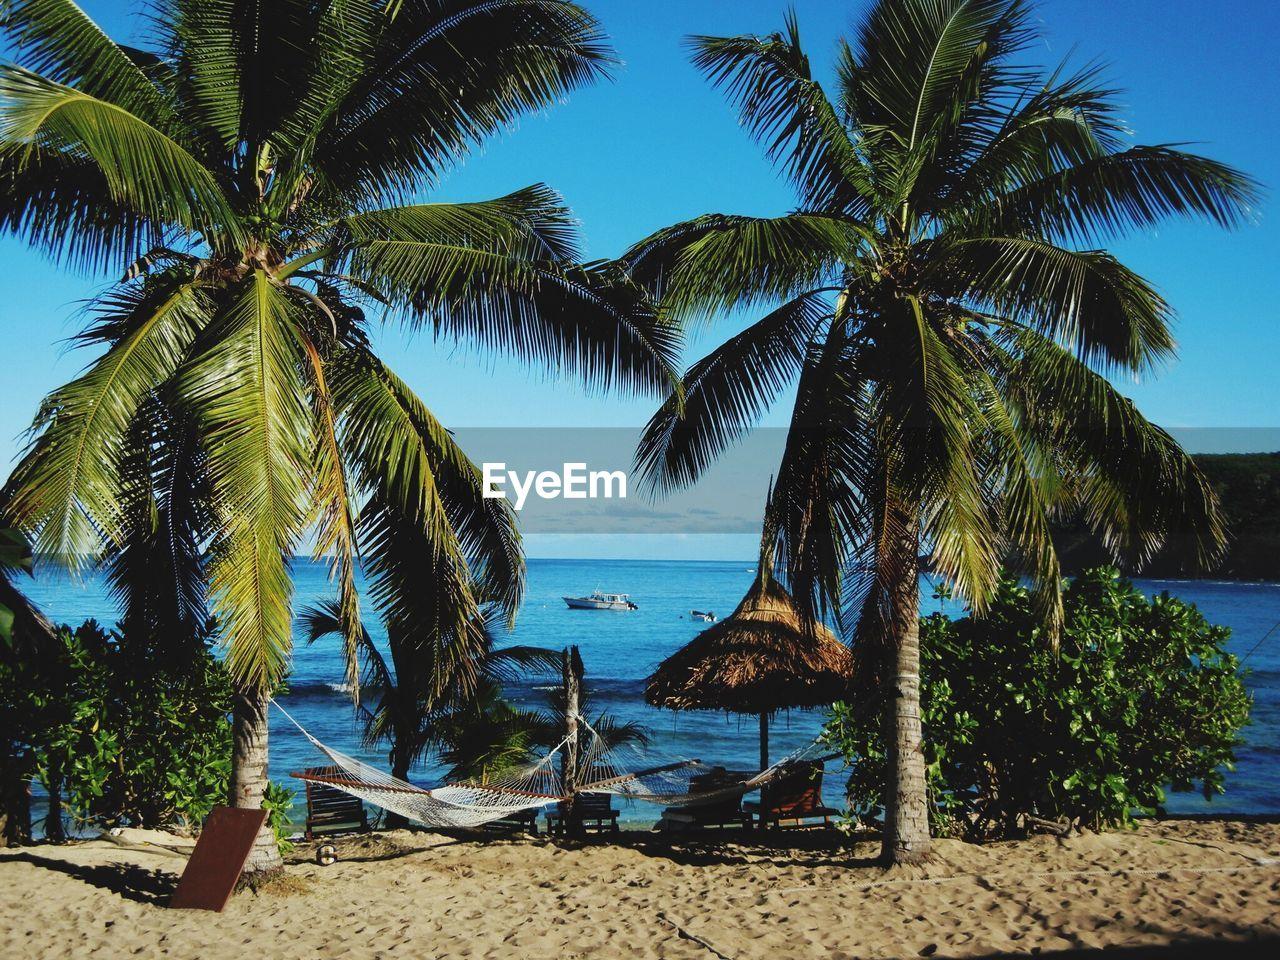 Palm Trees And Hammocks On Beach Against Blue Sky